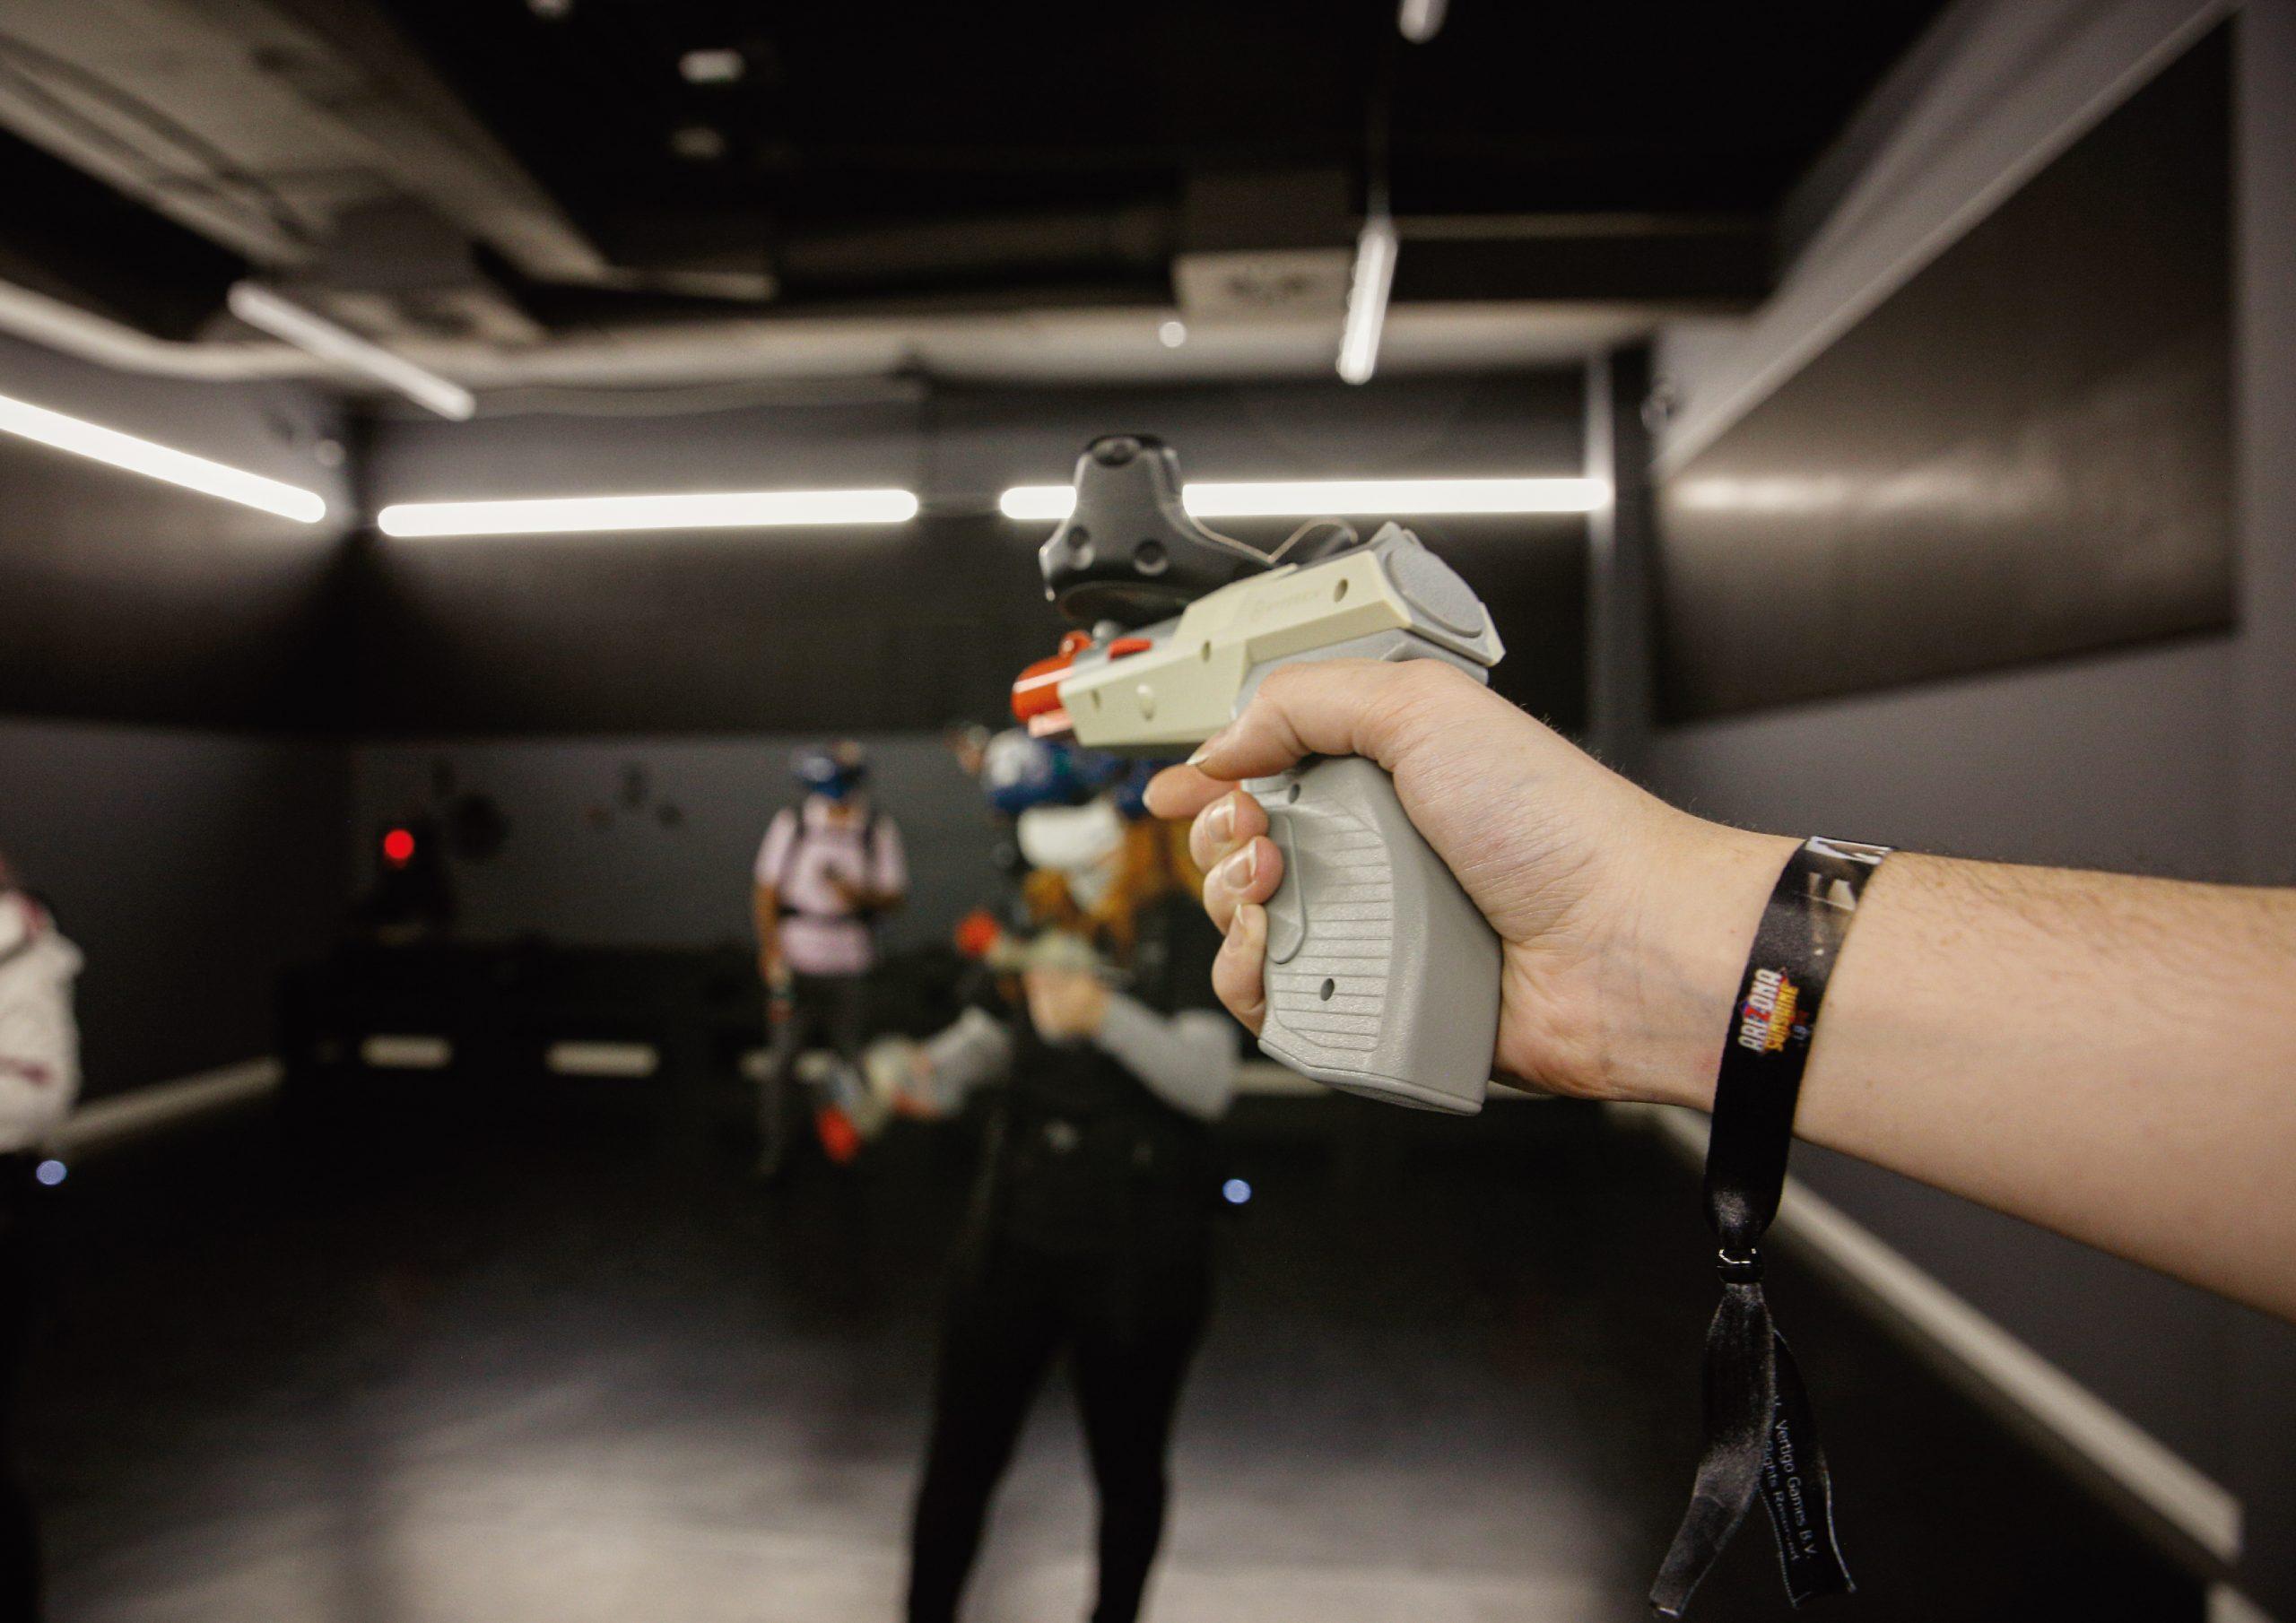 LBE VR STAR TREK – VIACOMCBS